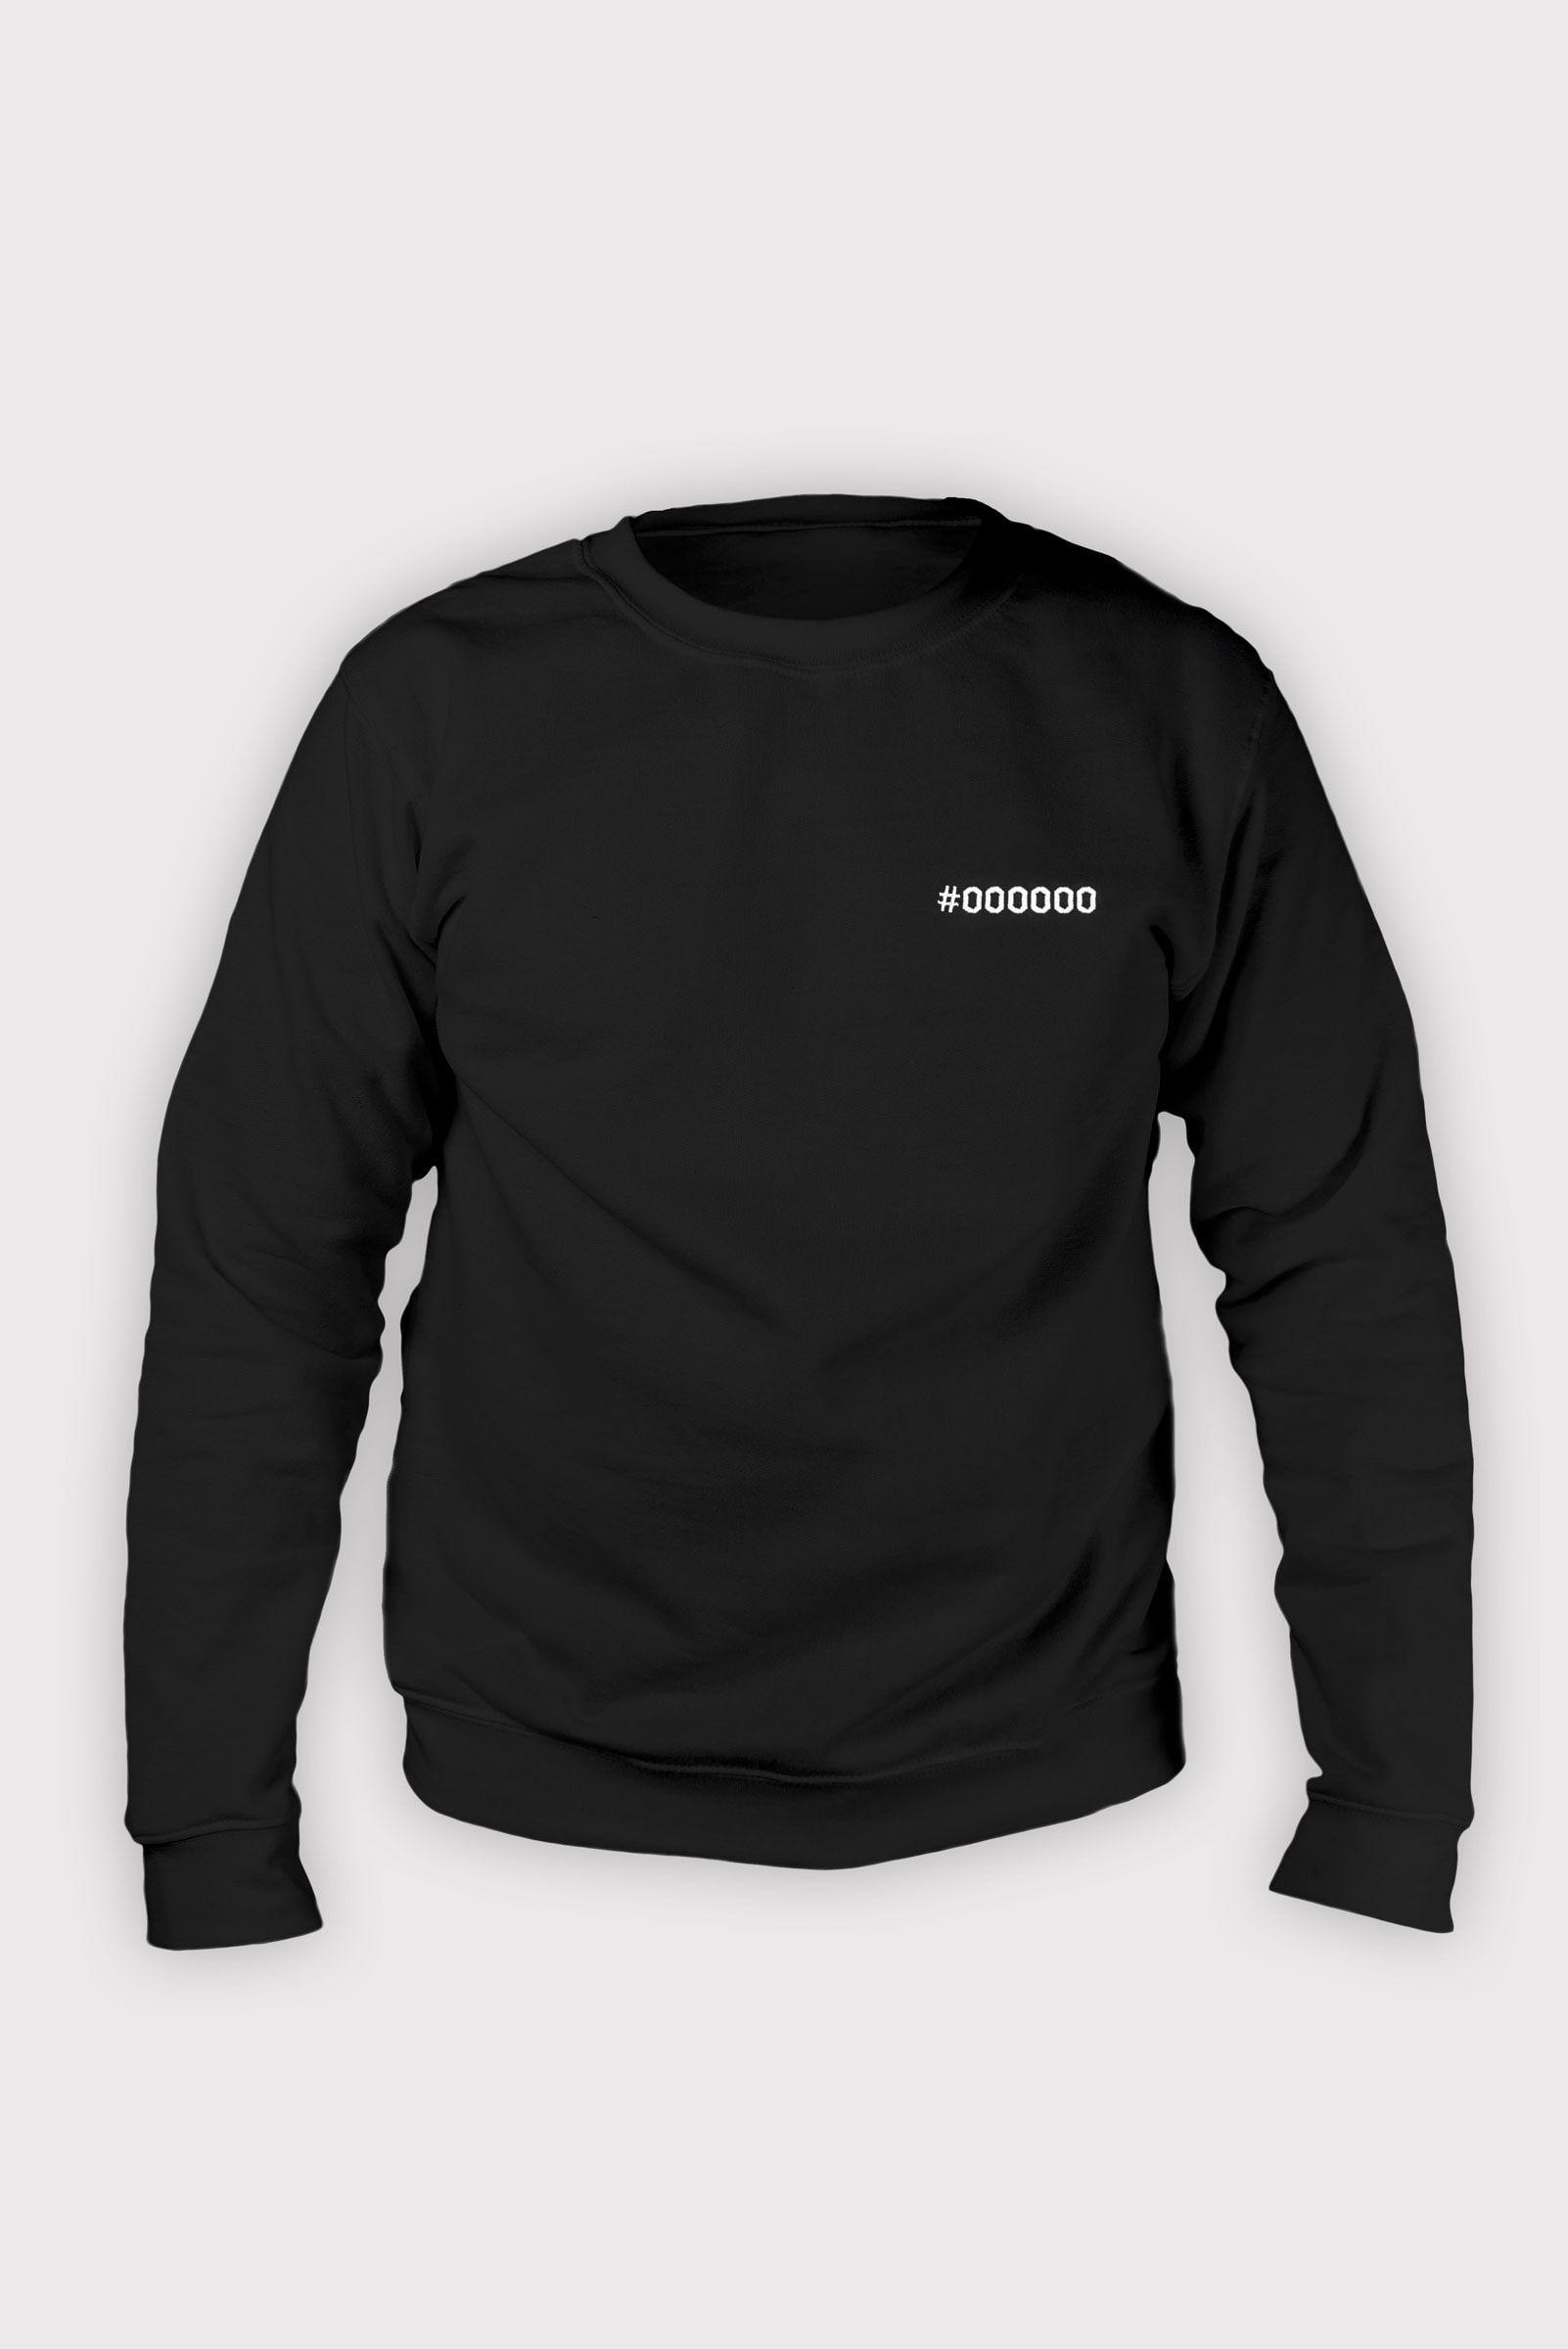 000000 Black Crewneck Sweatshirt Crew Neck Sweatshirt Sweatshirts Crew Neck [ 2400 x 1602 Pixel ]